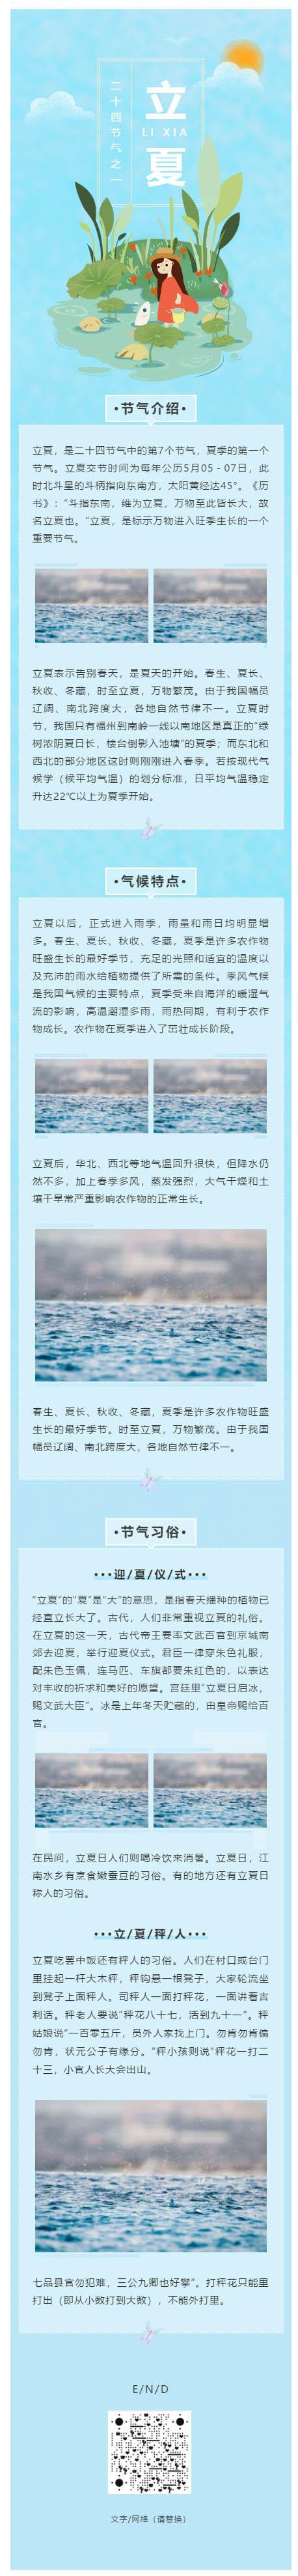 立夏二十四节气蓝色清新风格模板微信公众号推送图文素材